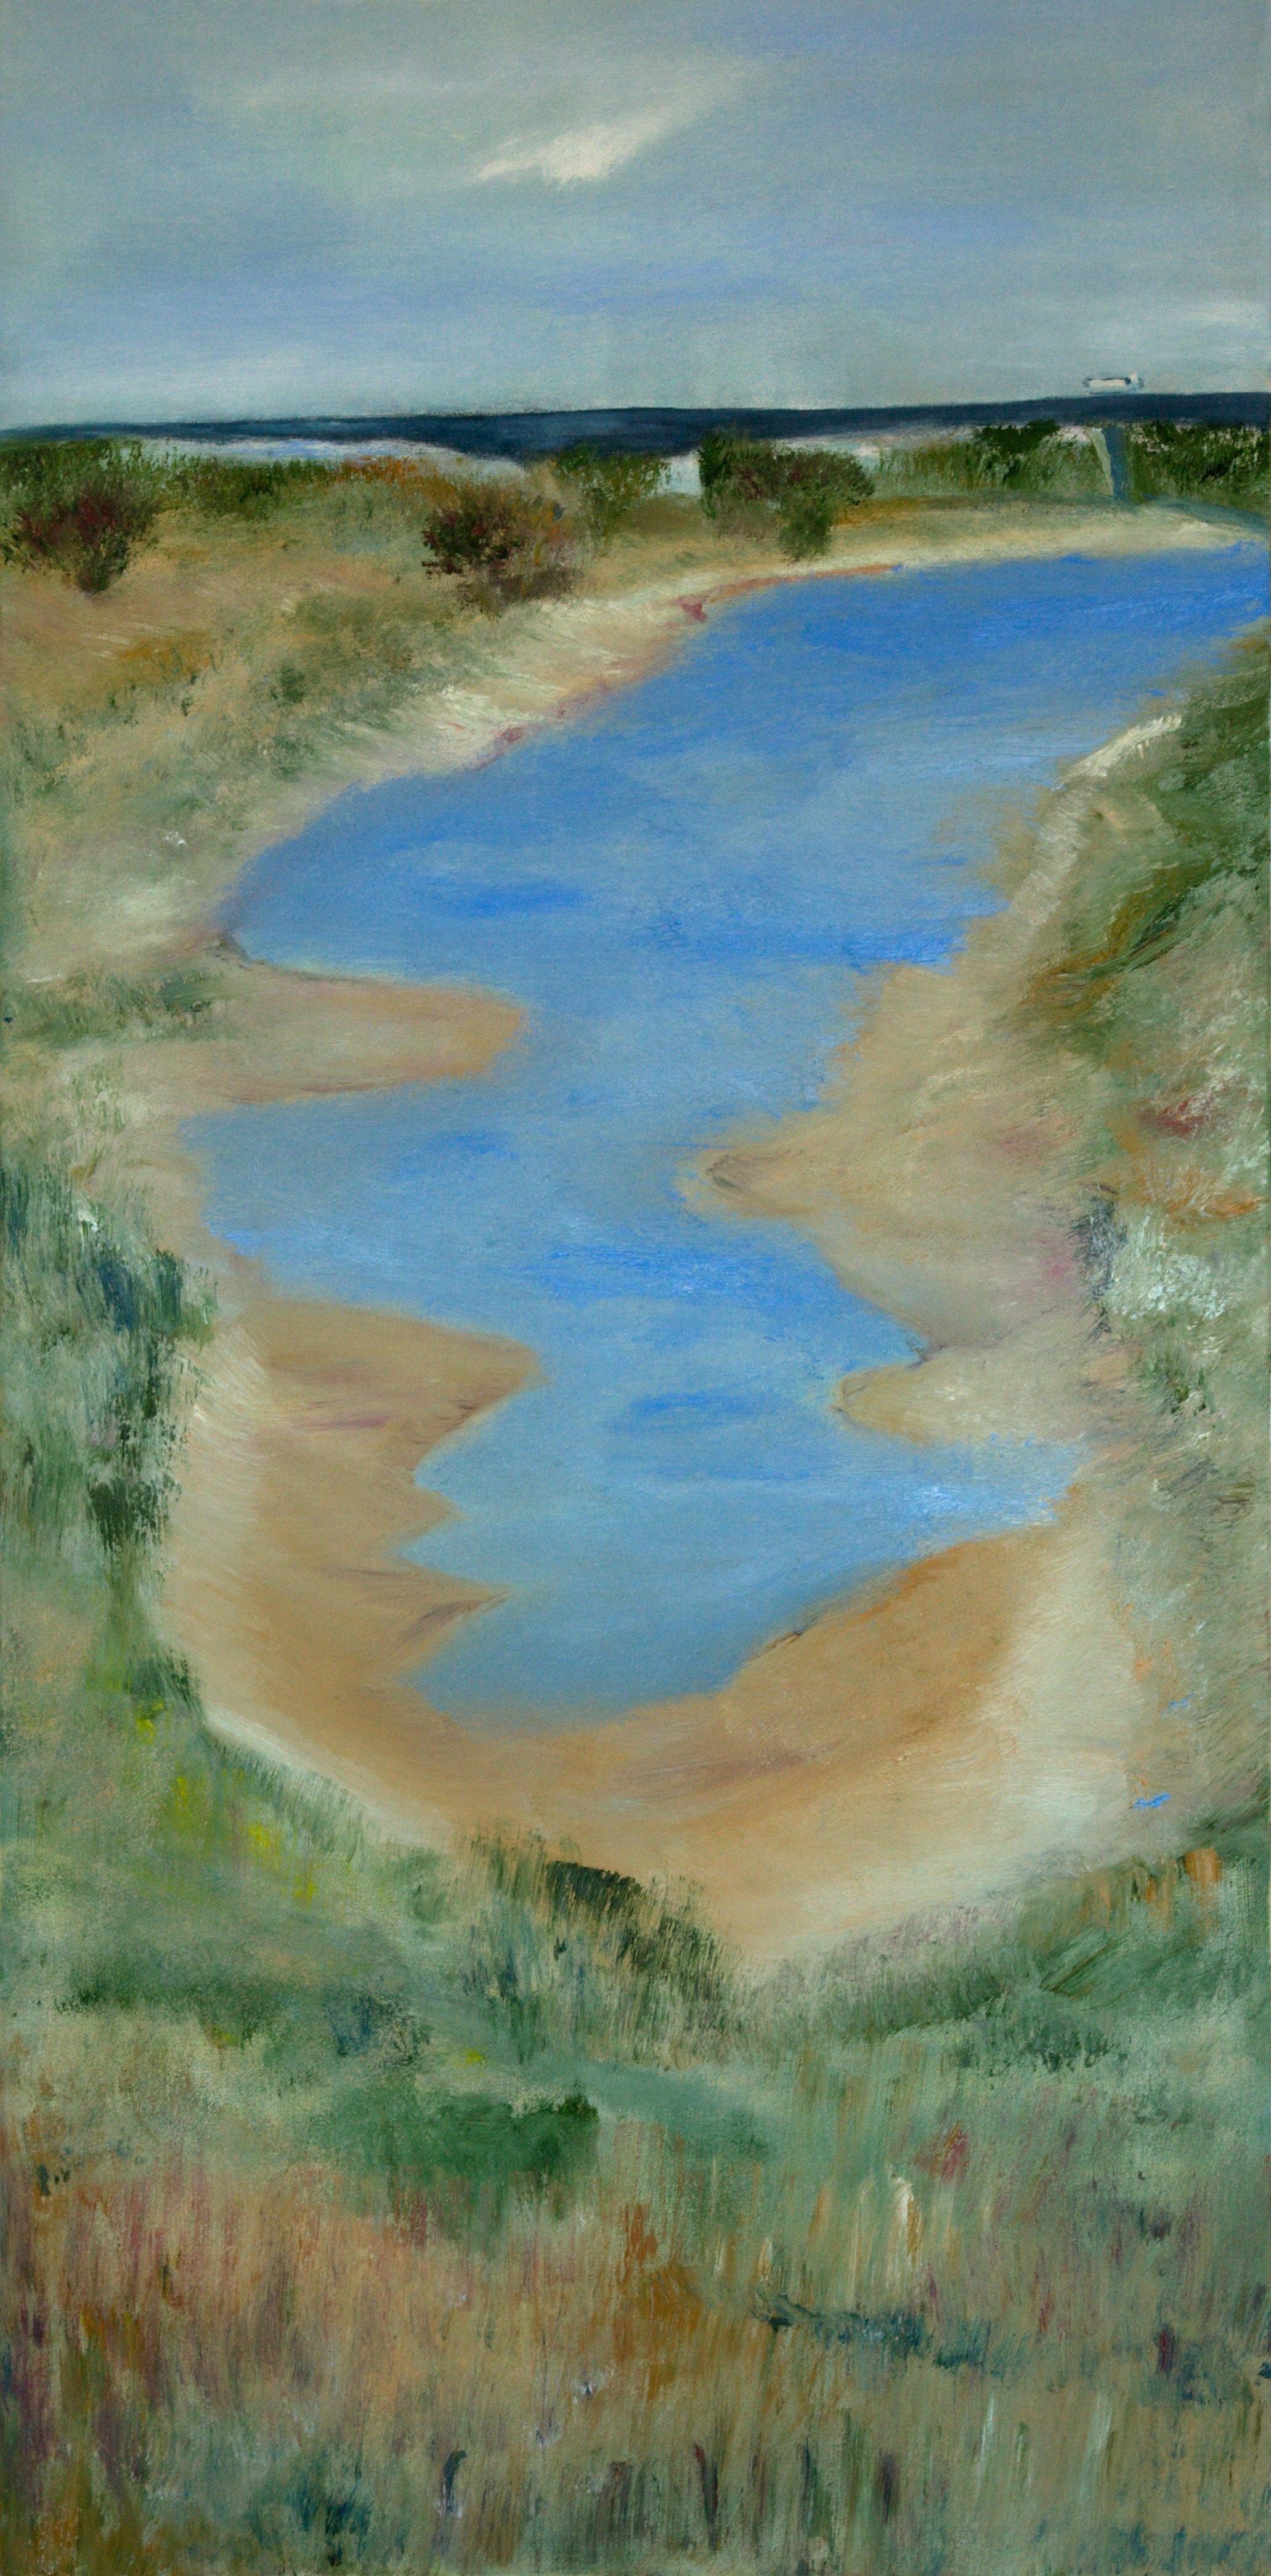 Marij Aarntzen, Landschap, olie op doek, 120 x 60 cm, 2012